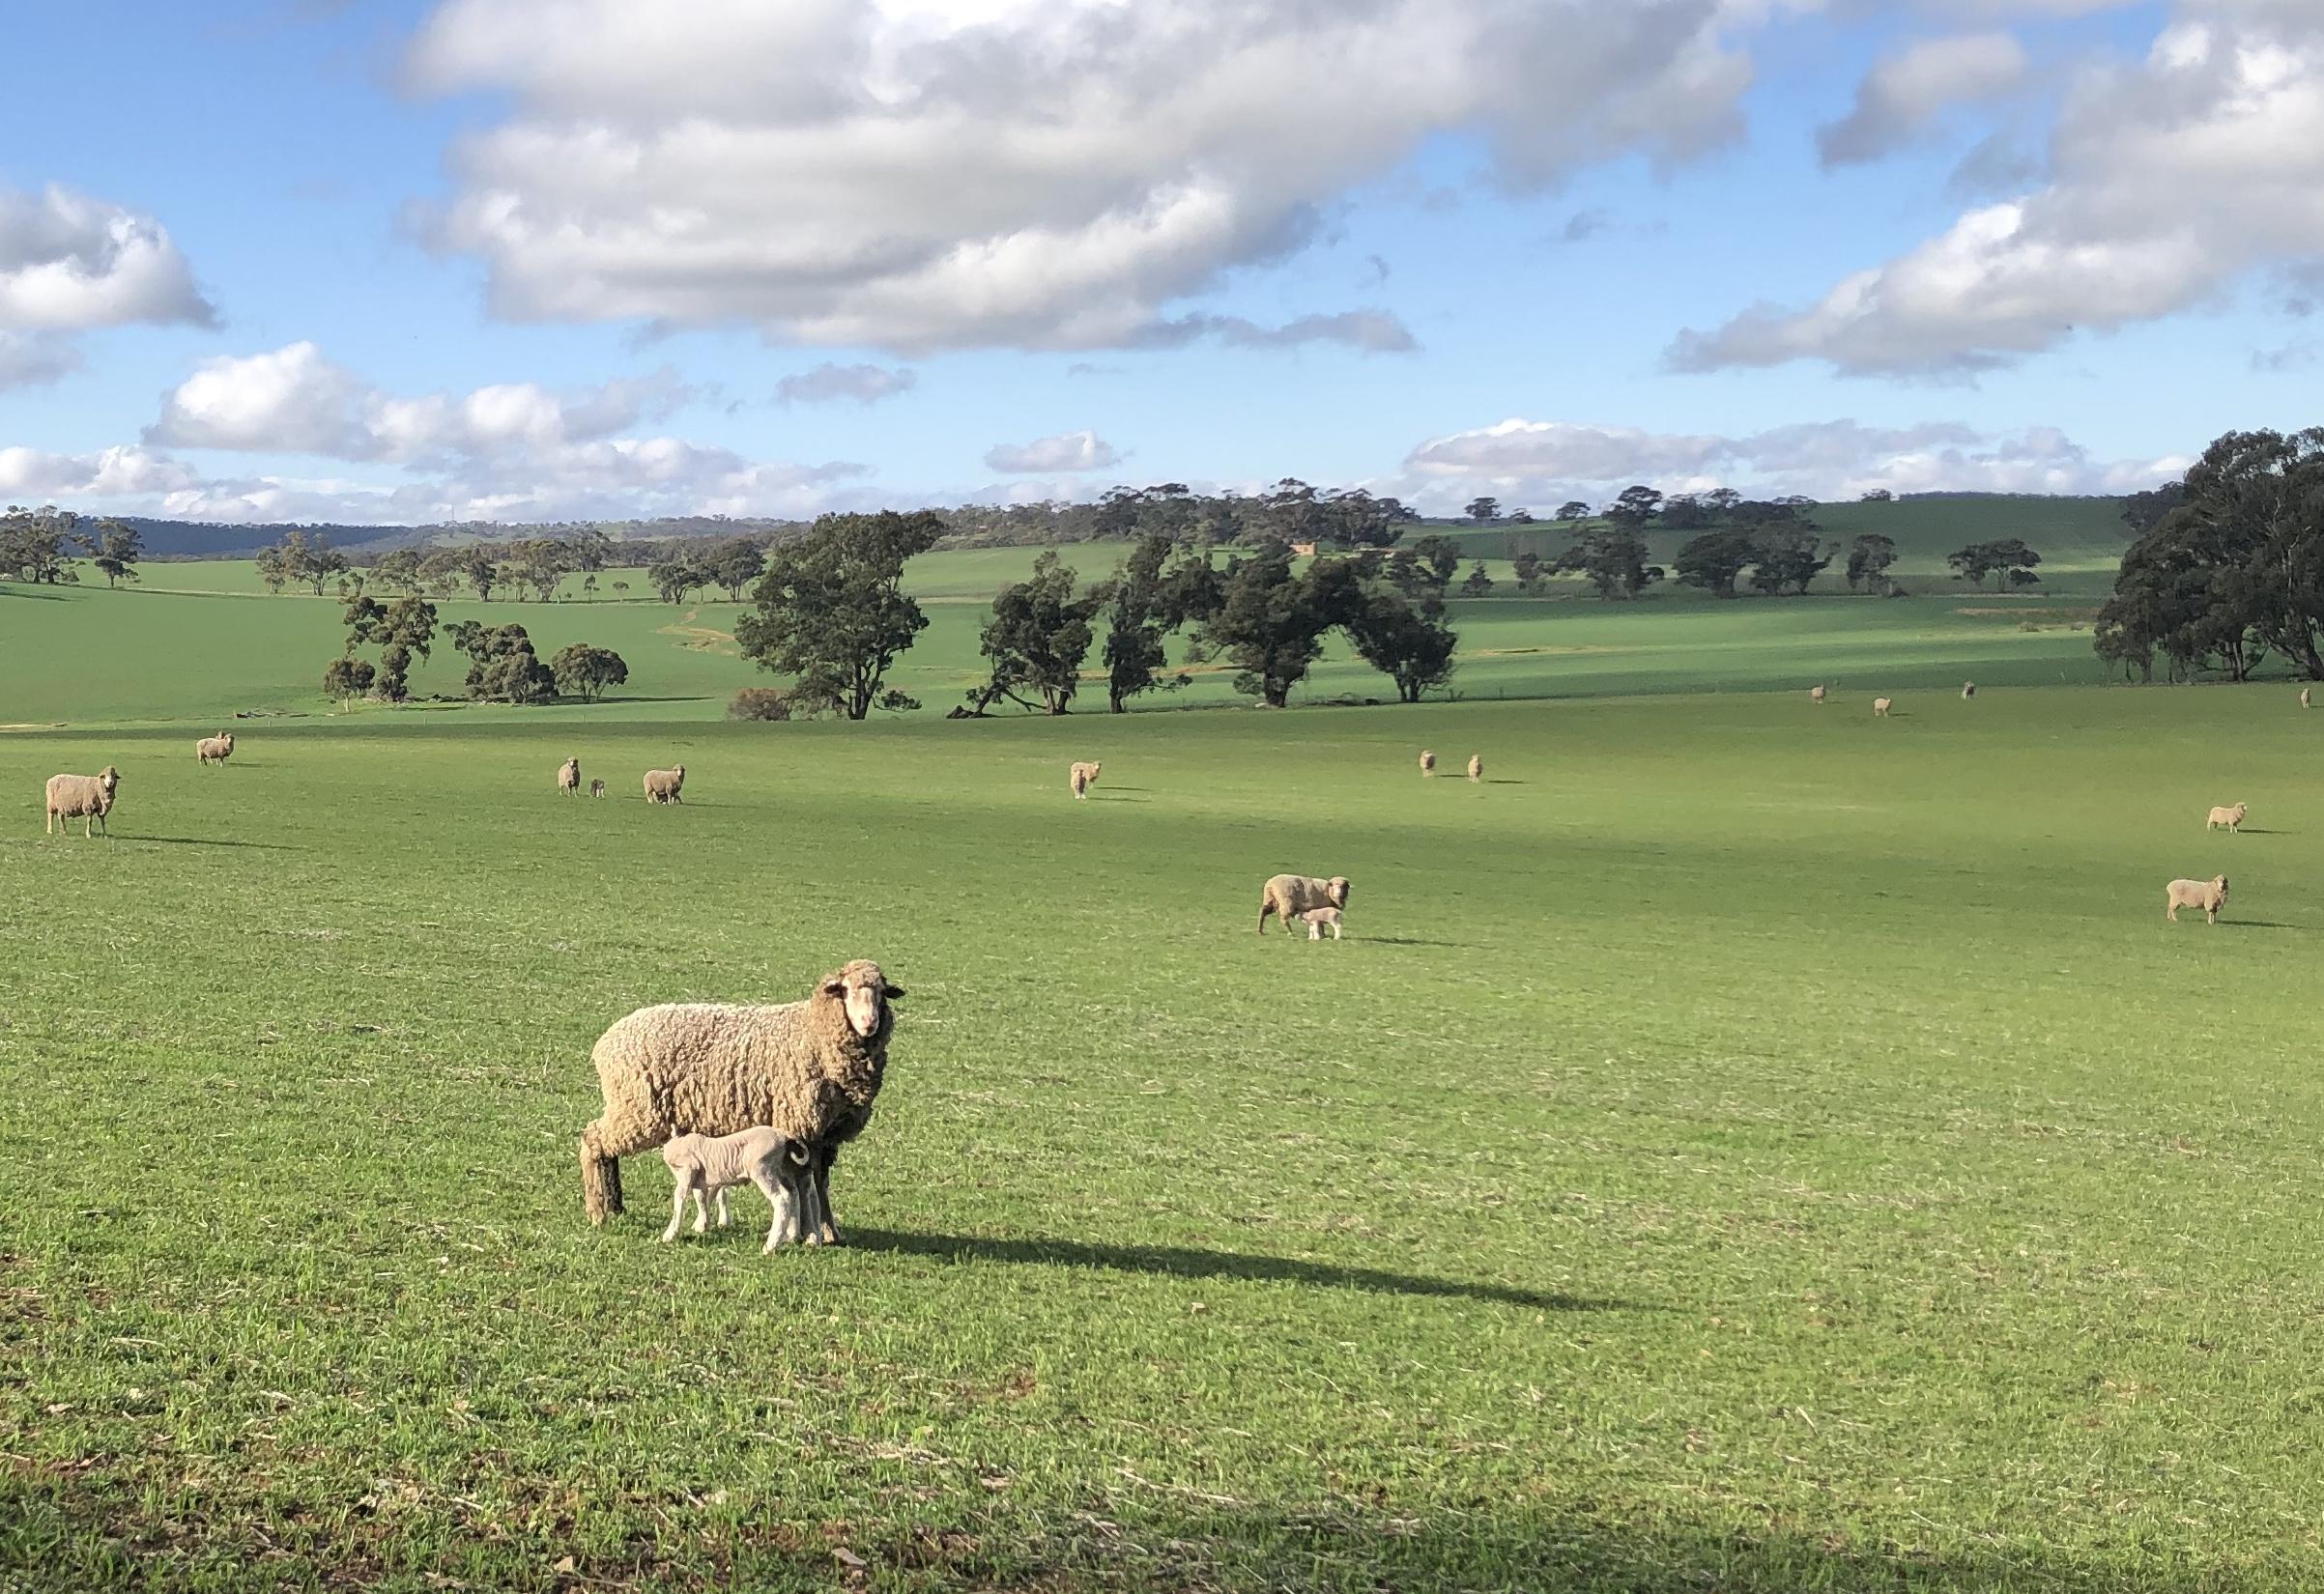 Ewe and Ewe lambs